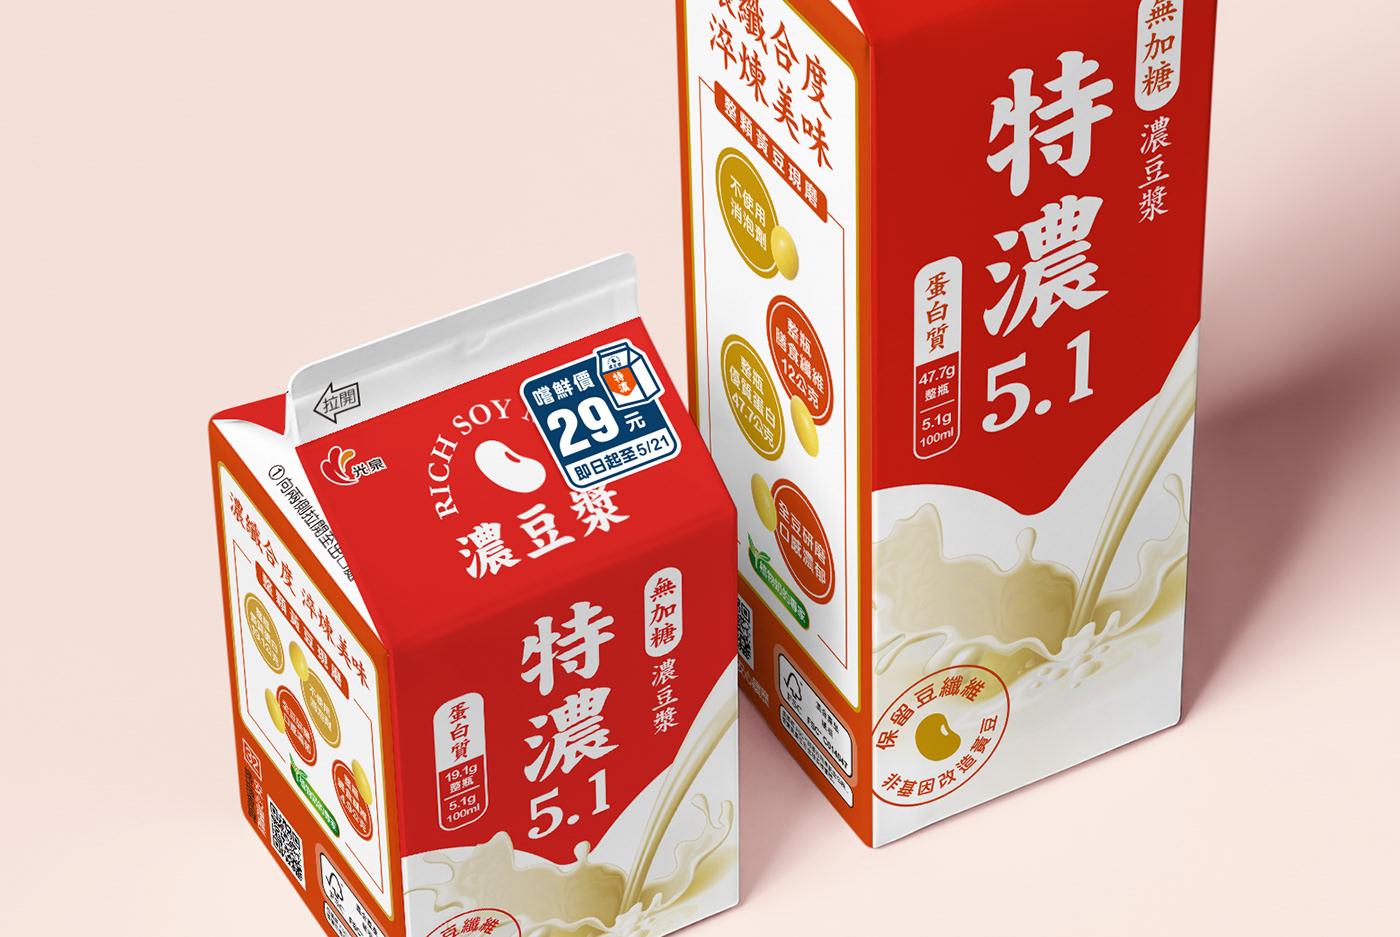 光泉 特濃5.1無加糖濃豆漿 on Behance